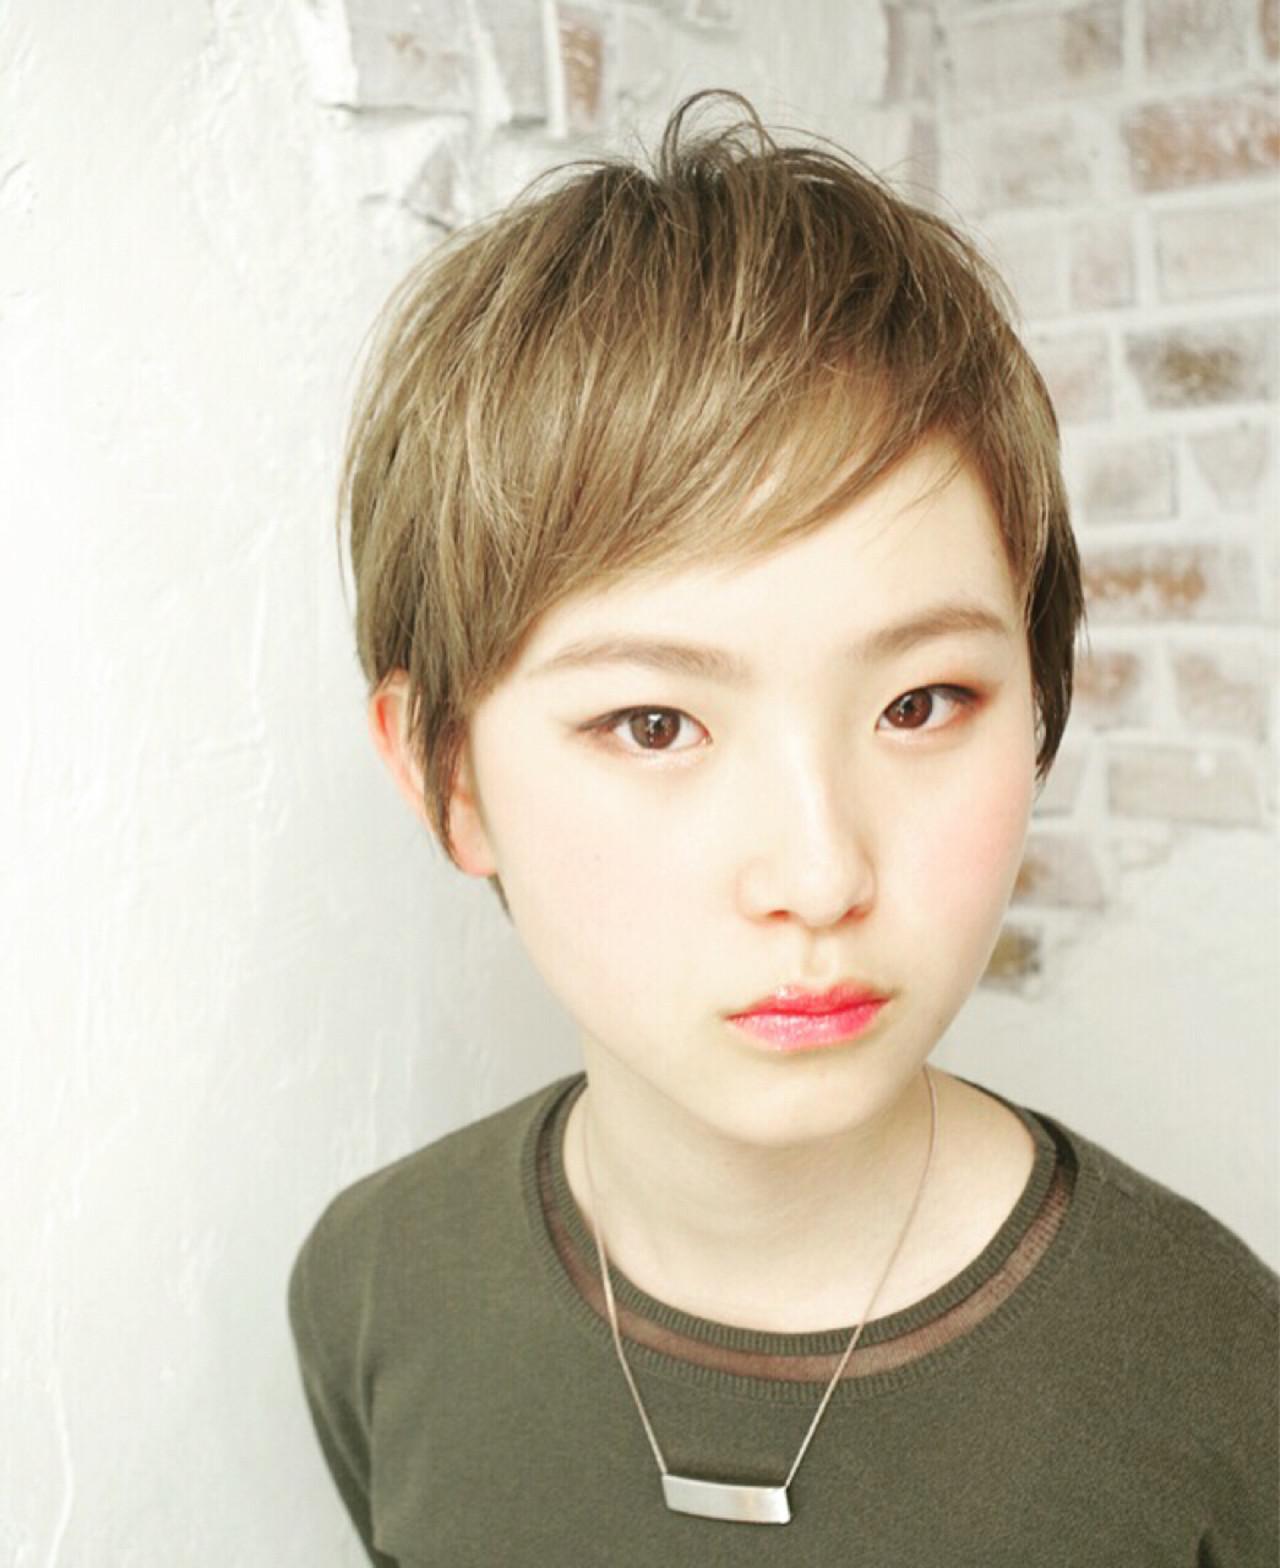 ブリーチ ピュア ベージュ ナチュラル ヘアスタイルや髪型の写真・画像 | Nao Kokubun blast / blast